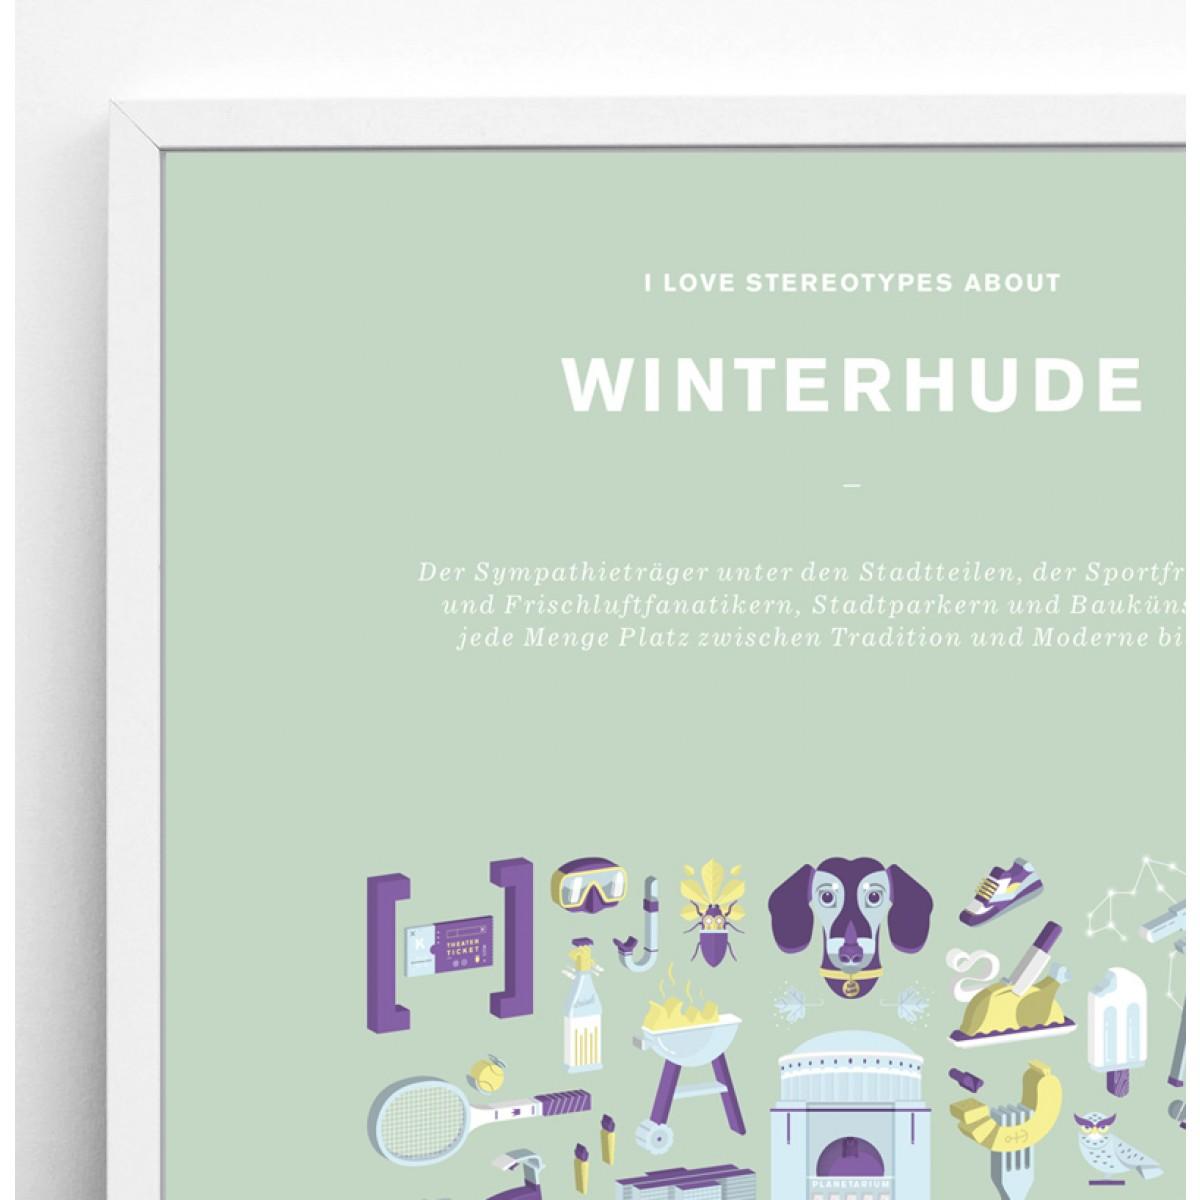 Bureau Bald Stadtteil Plakat Winterhude Redesign 2019